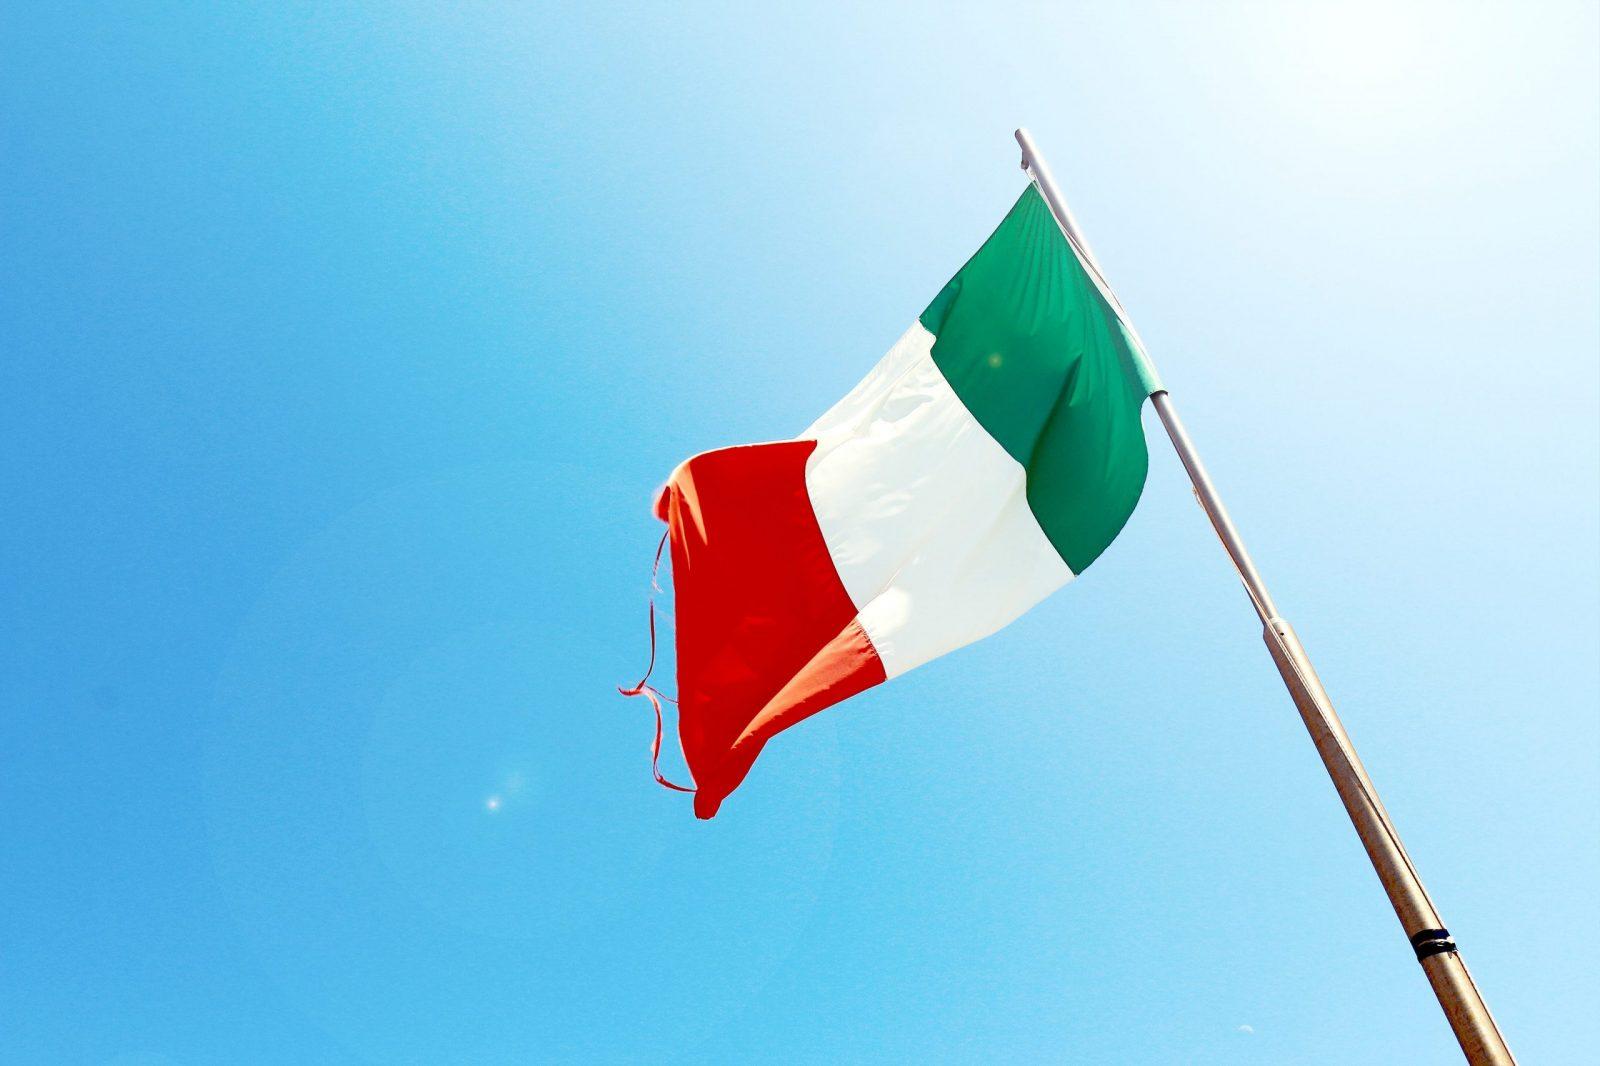 L'Italie prévoit un déficit de 10,4 % malgré un soutien important du gouvernement italien dirigé par Giuseppe Conte